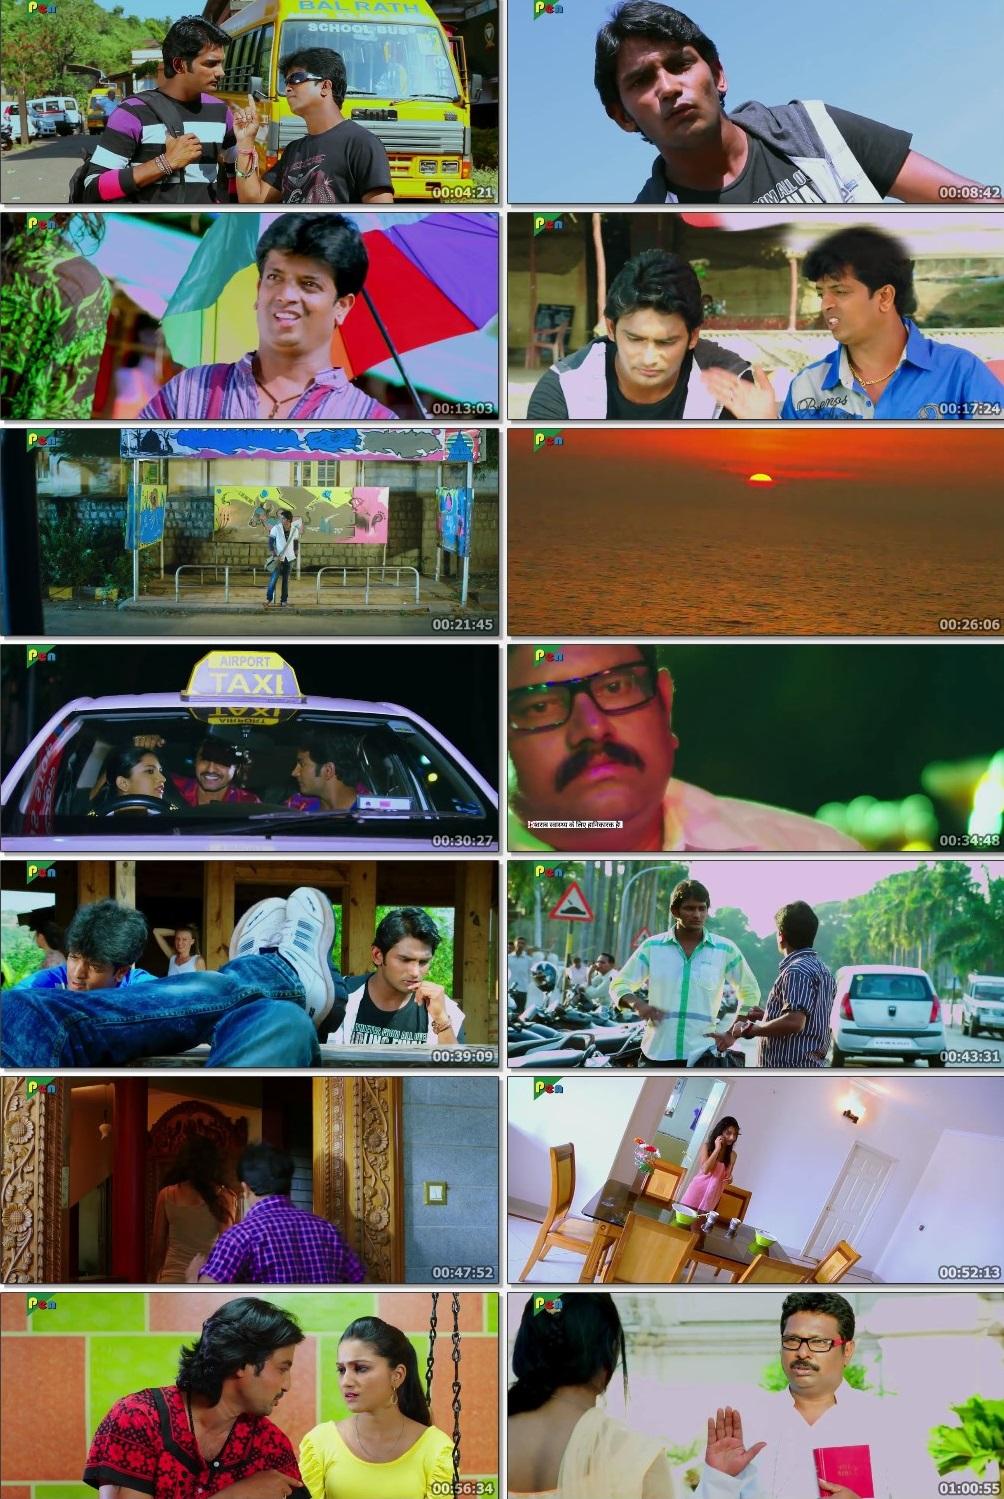 Pyar%2BKi%2BBaazi%2Bscr Pyar Ki Baazi 2019 Hindi Dubbed download 720P HD